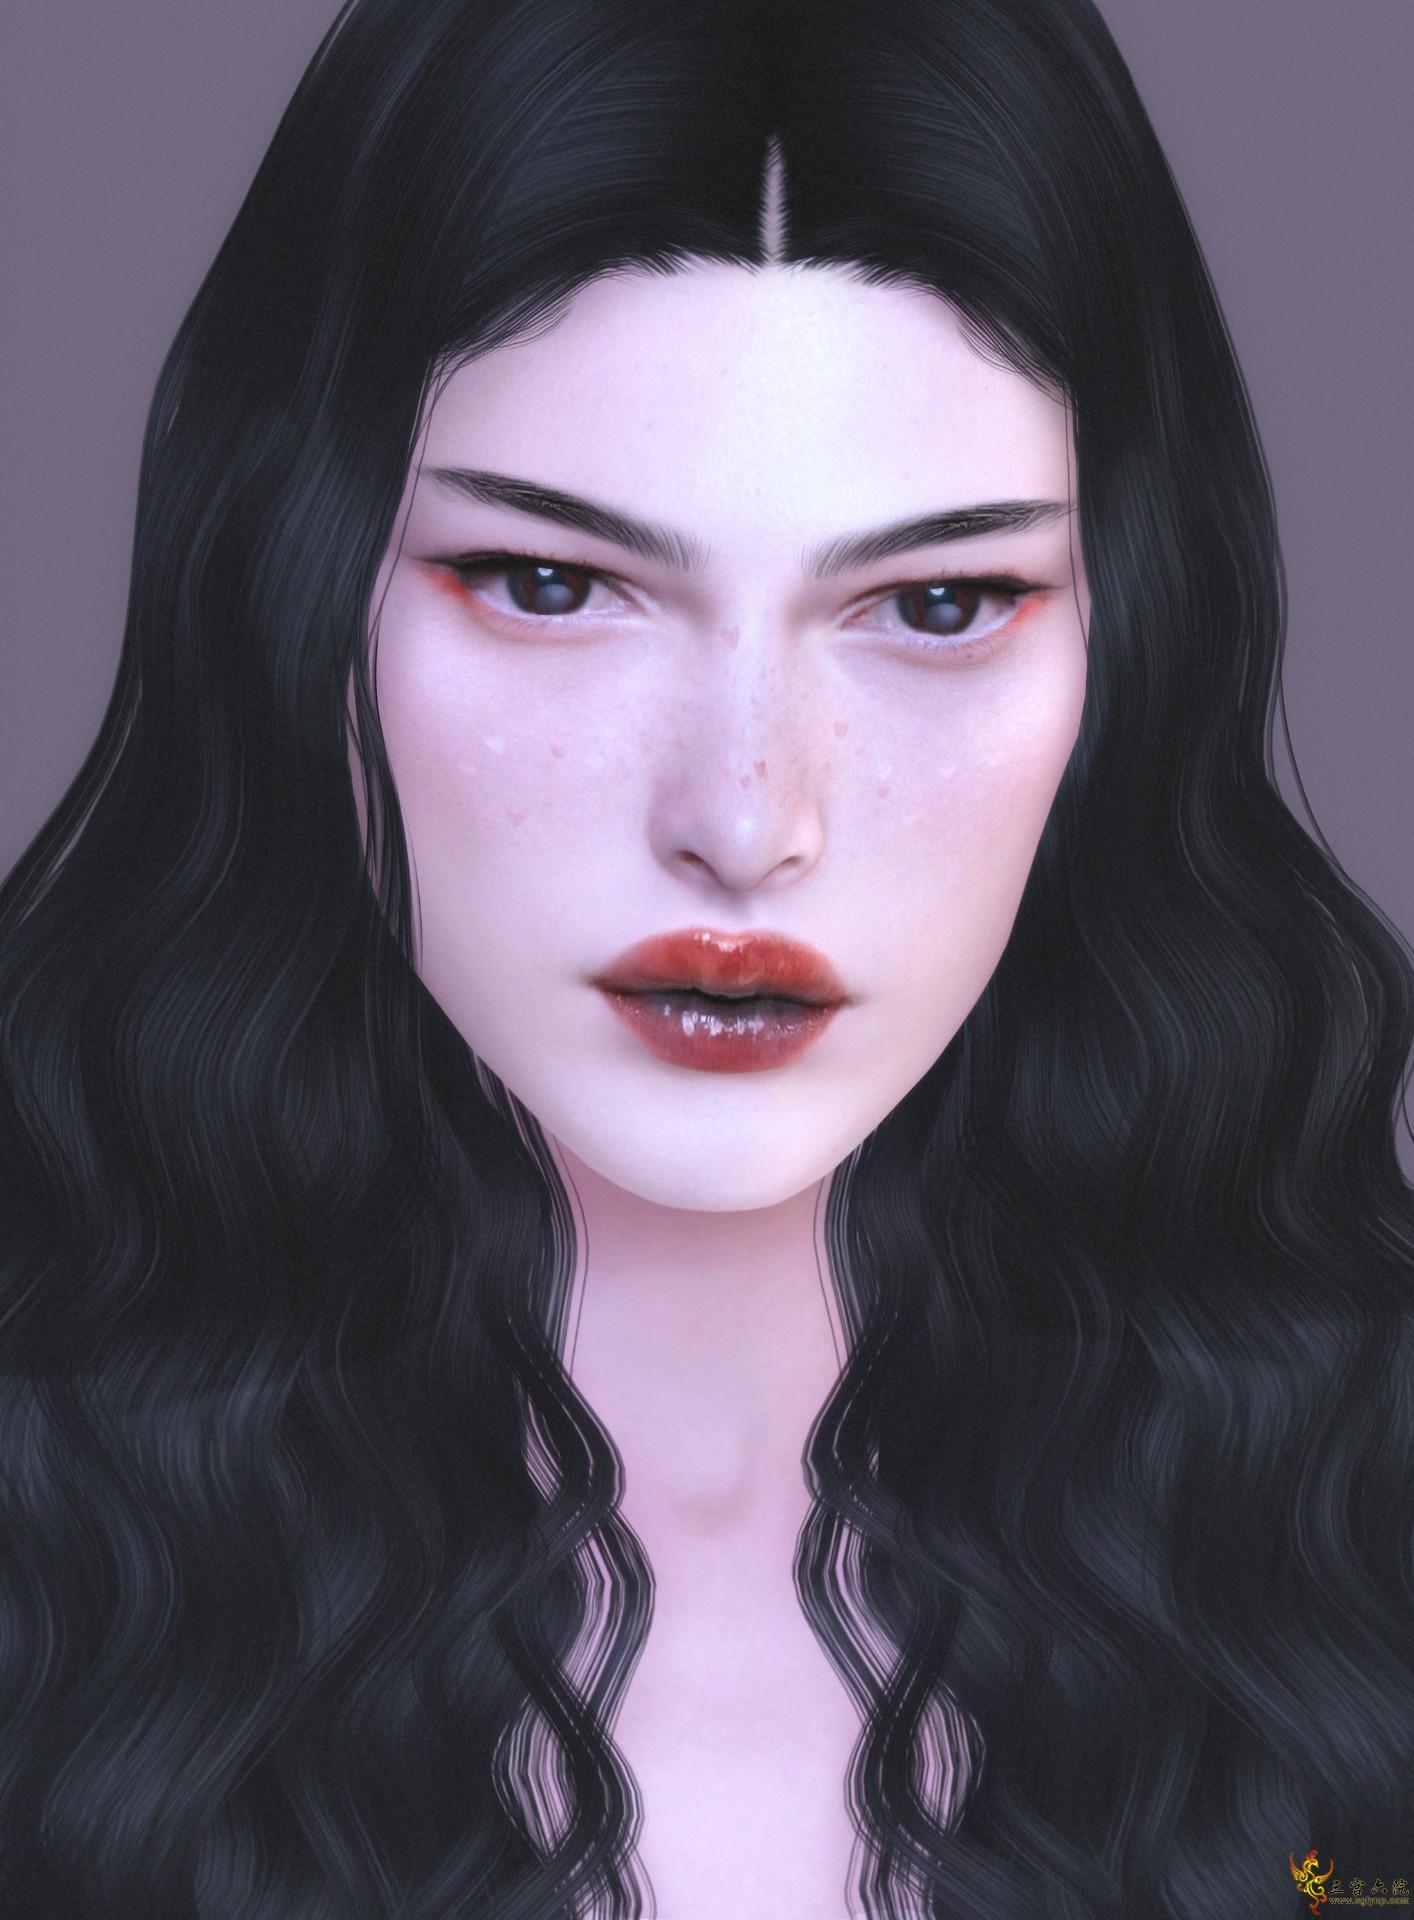 Sims 4 Screenshot 2021.05.30 - 19.51.40.72.png